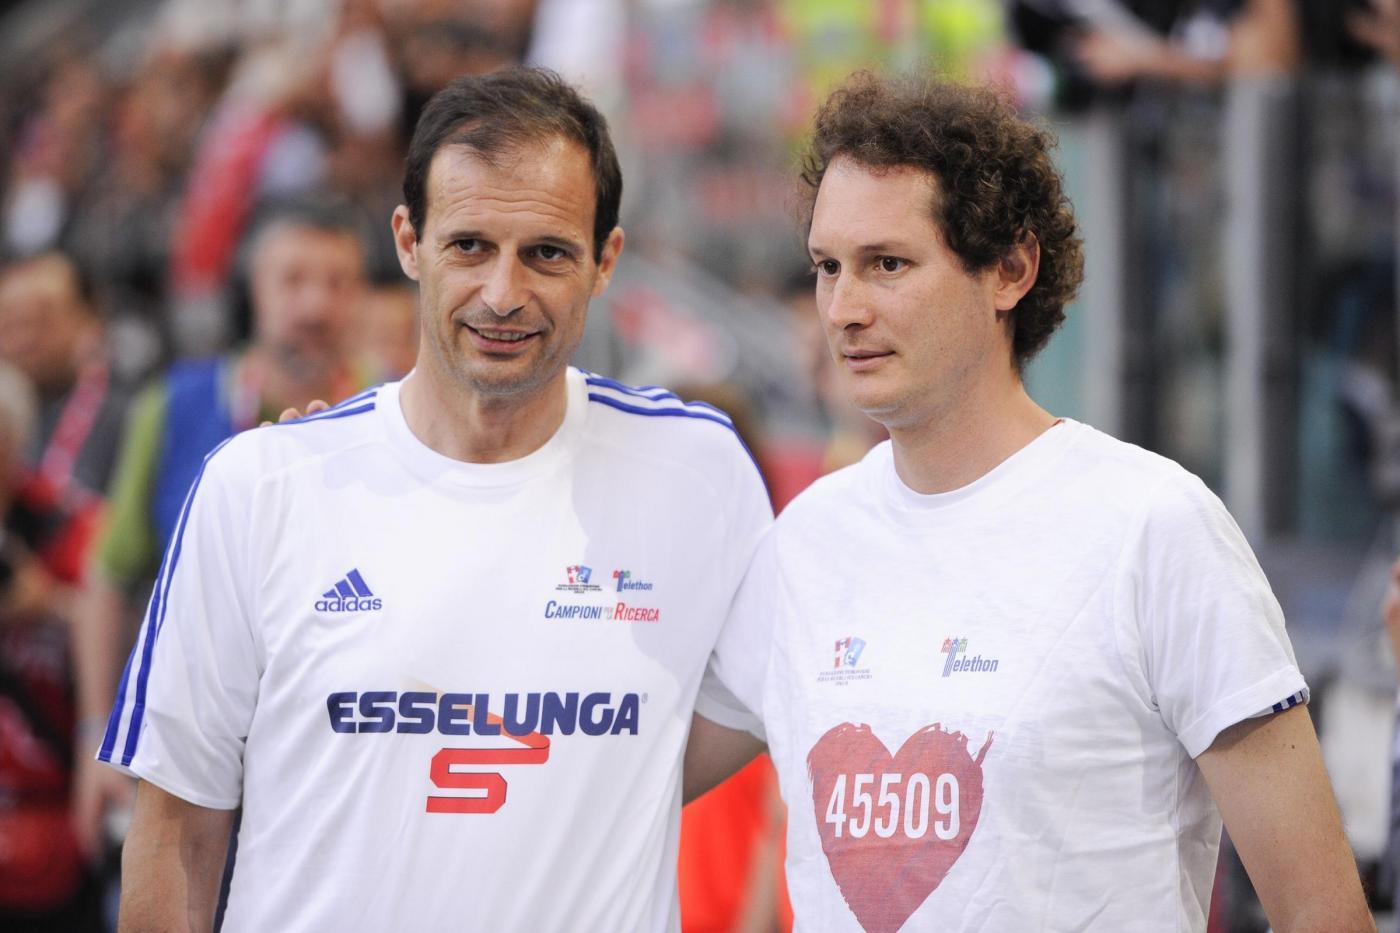 Massimiliano Allegri, Del Piero, Eros Ramazzotti, alla partita del cuore FOTO5